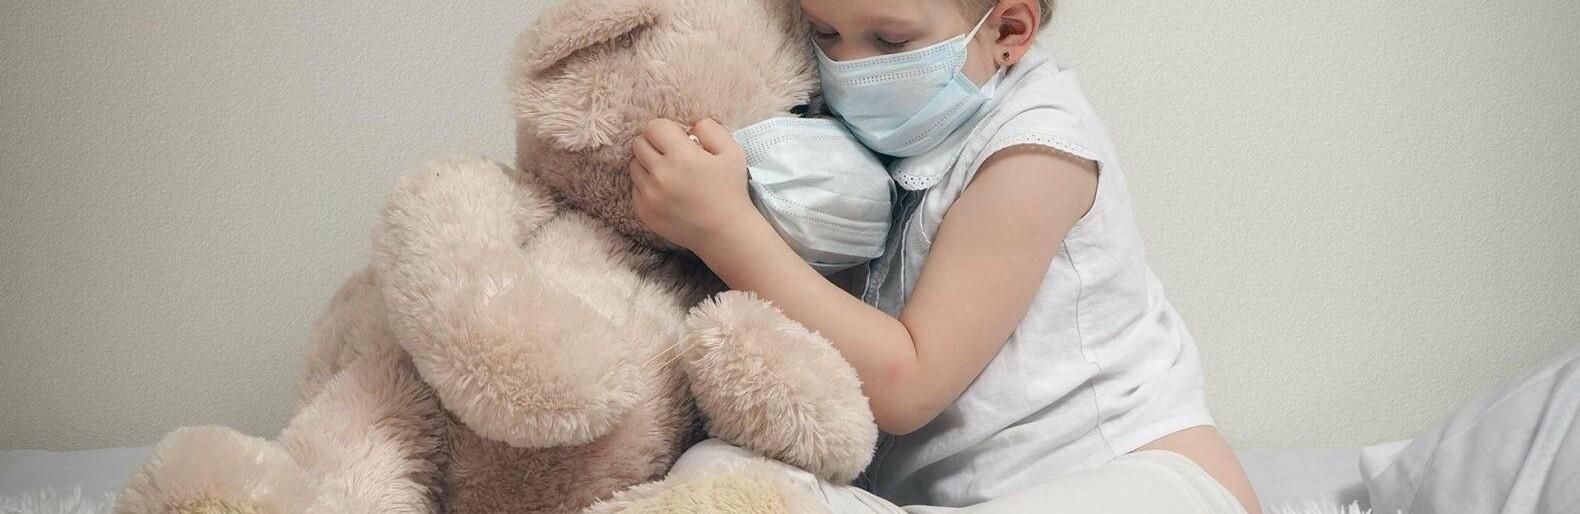 Почастішали важкі випадки: на Тернопільщині коронавірус все більше вражає дітей, Дмитро Бондаренко